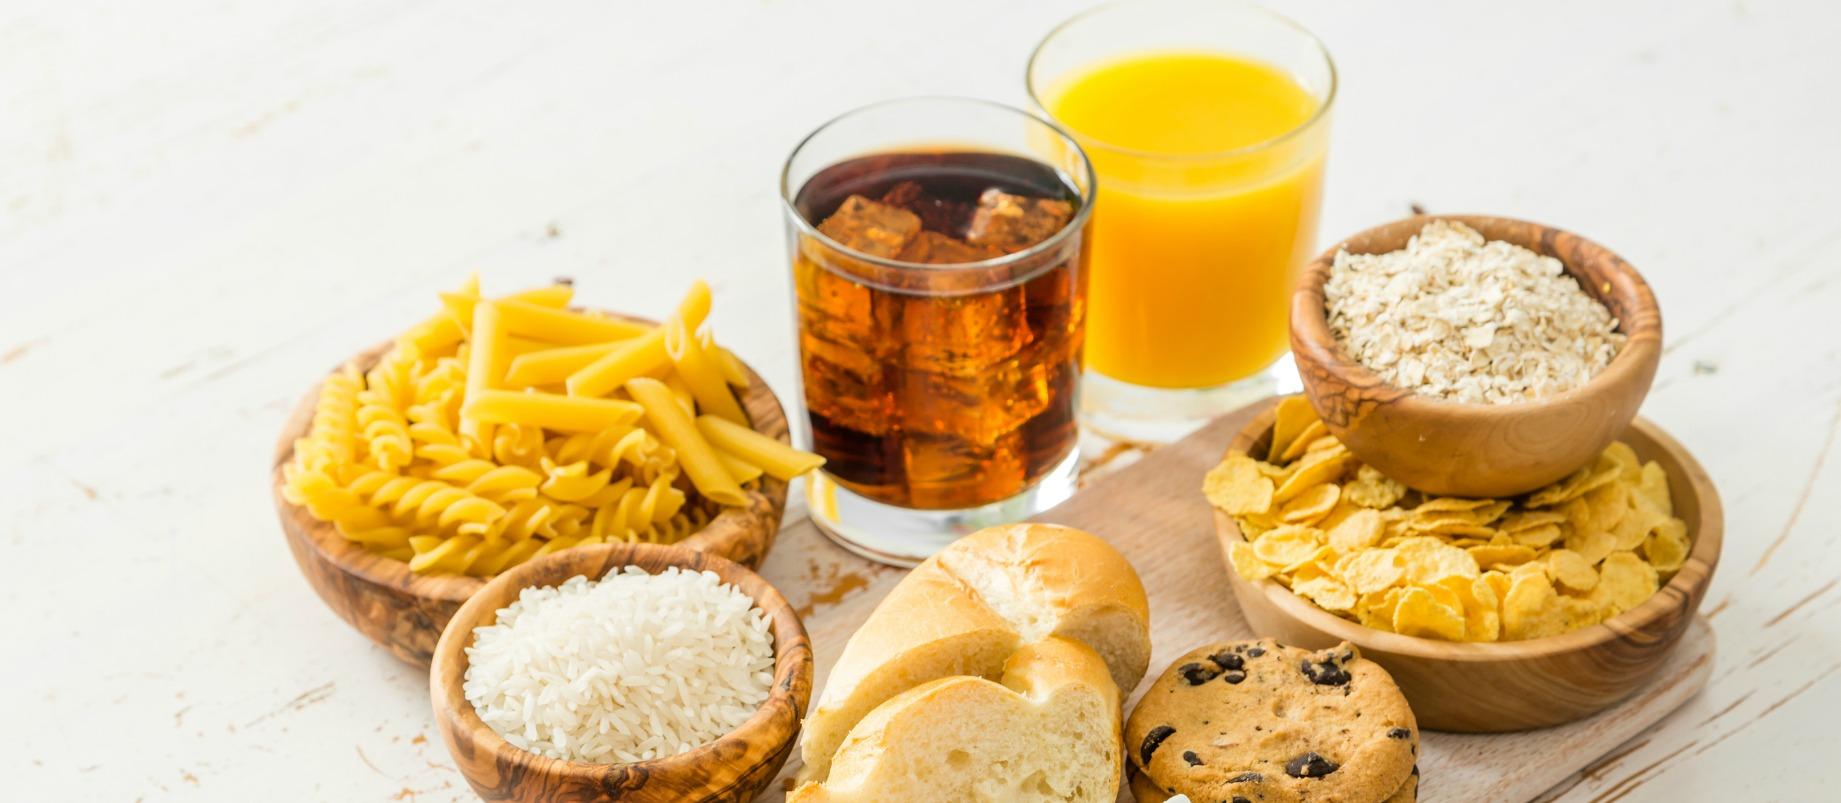 vezelrijk koolhydraatarm voedsel